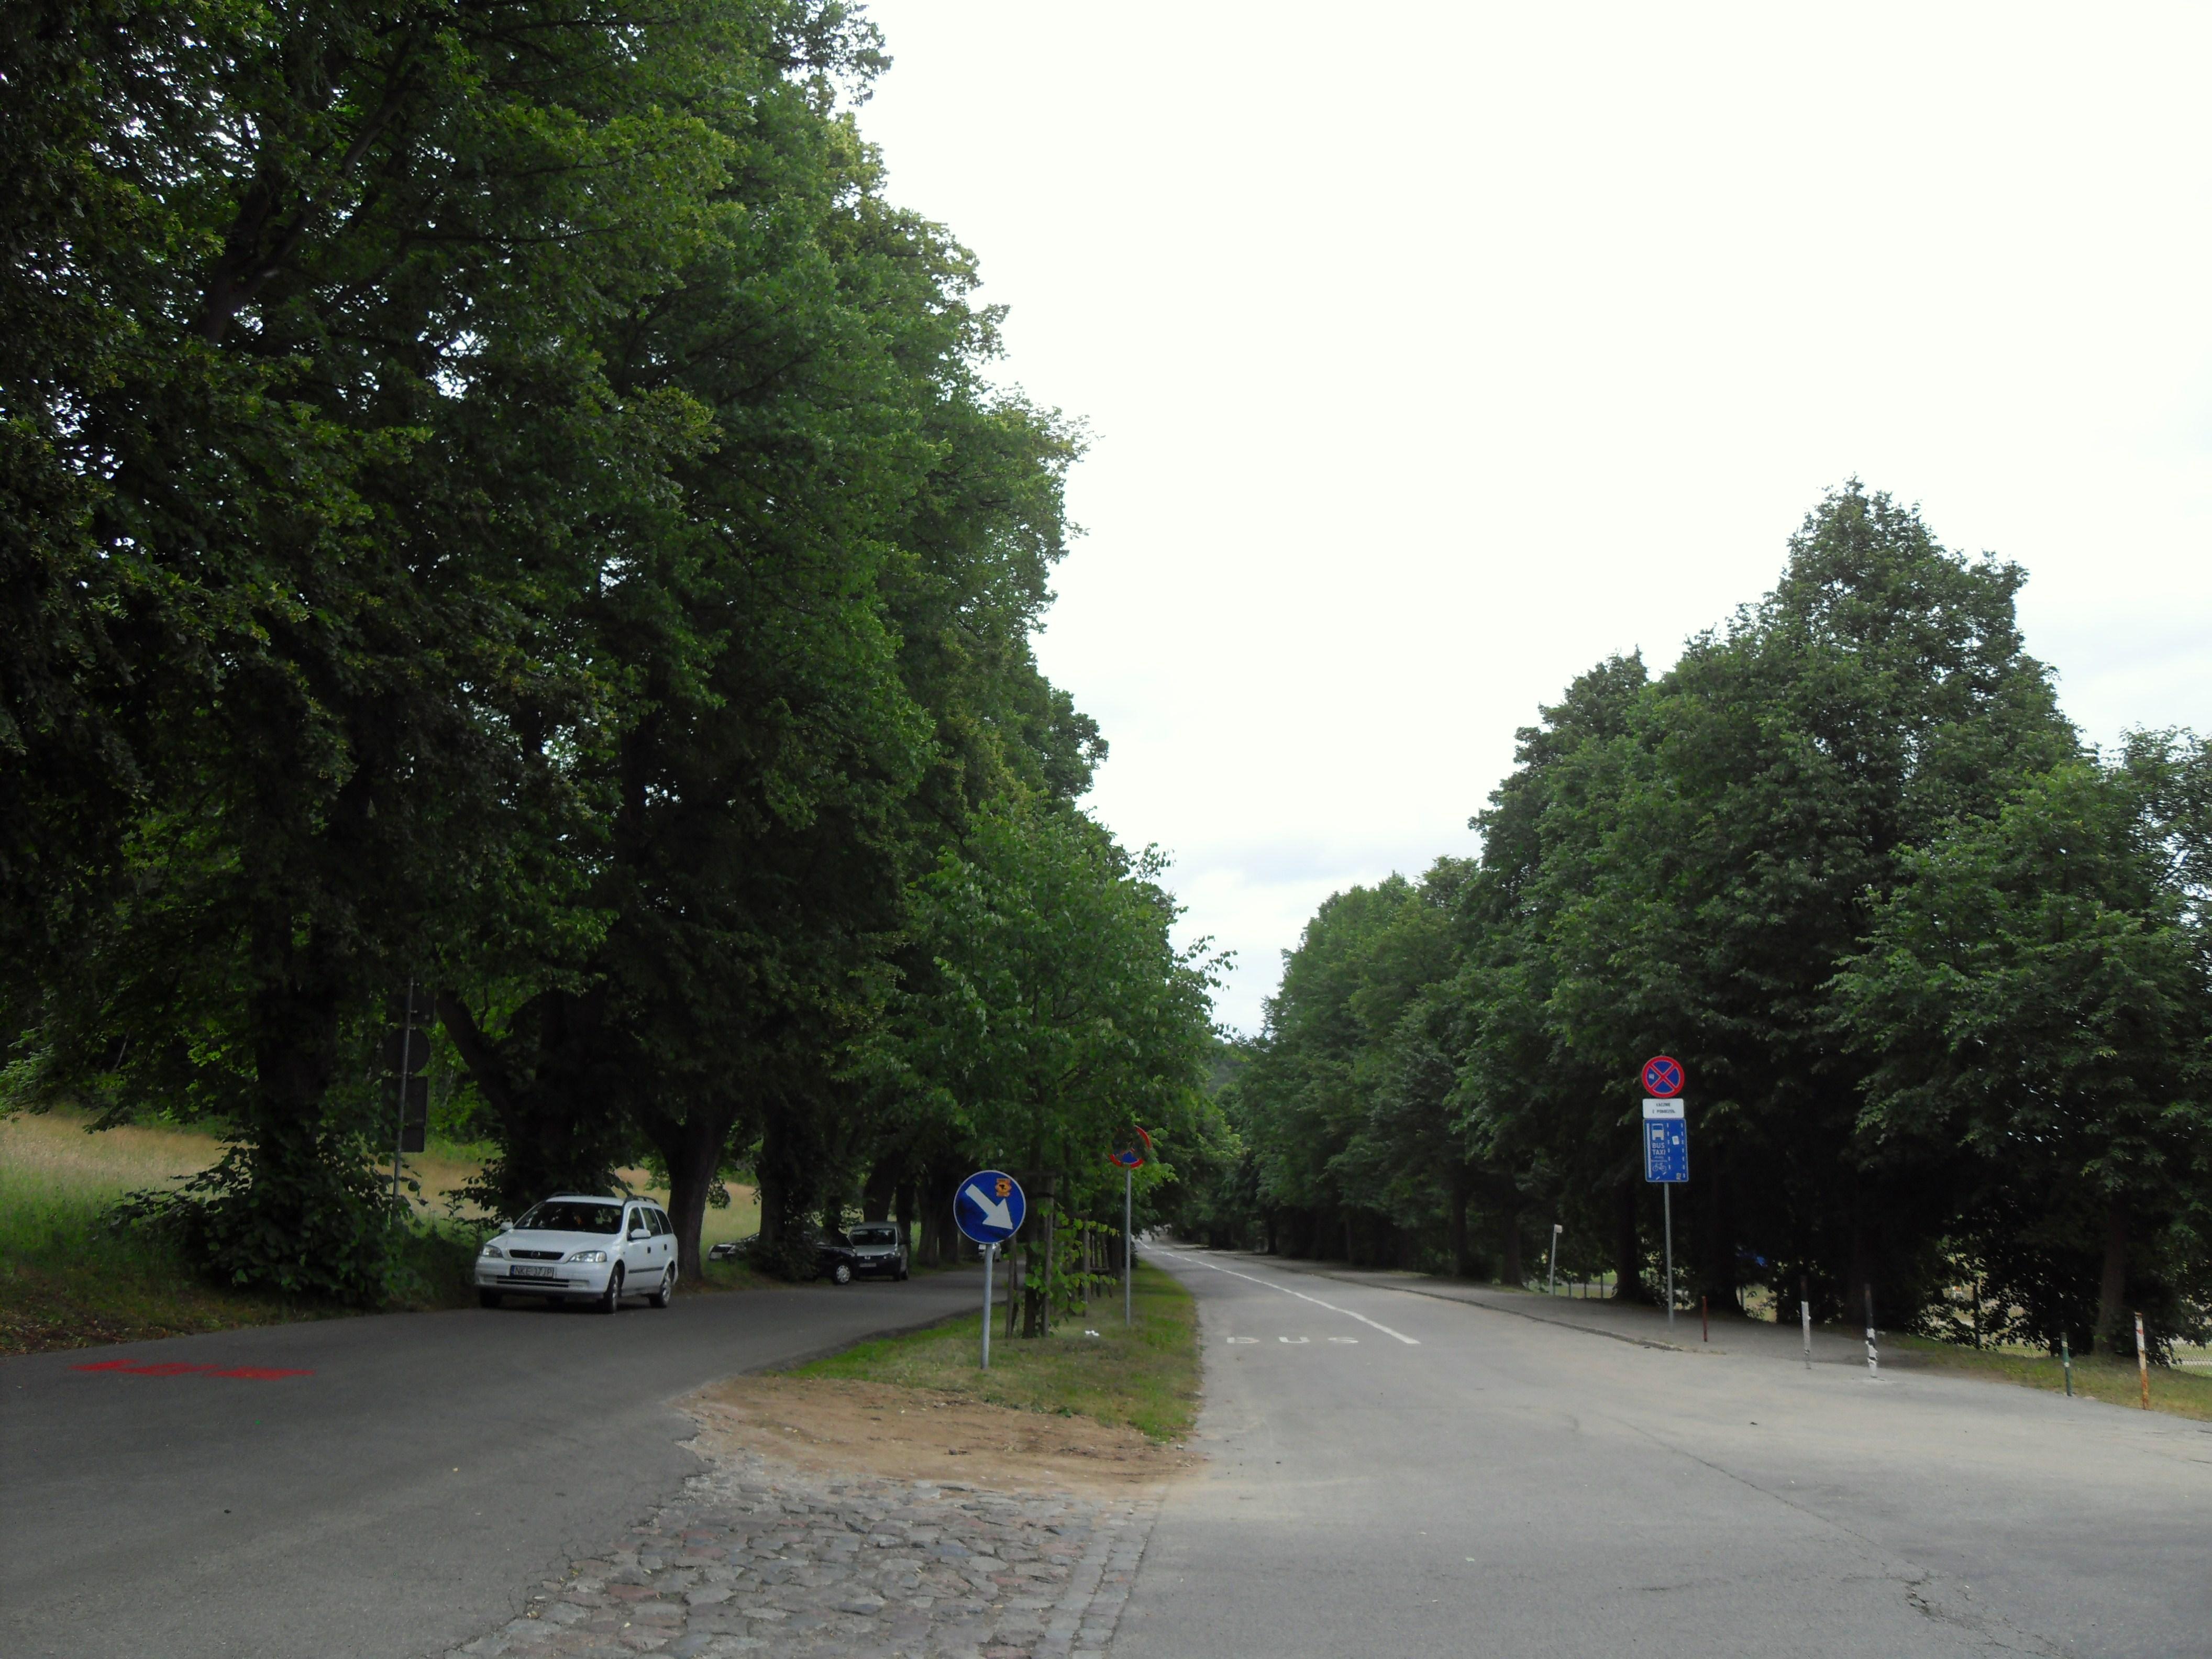 Gda%C5%84sk_Oliwa_ulica_Karwie%C5%84ska.JPG